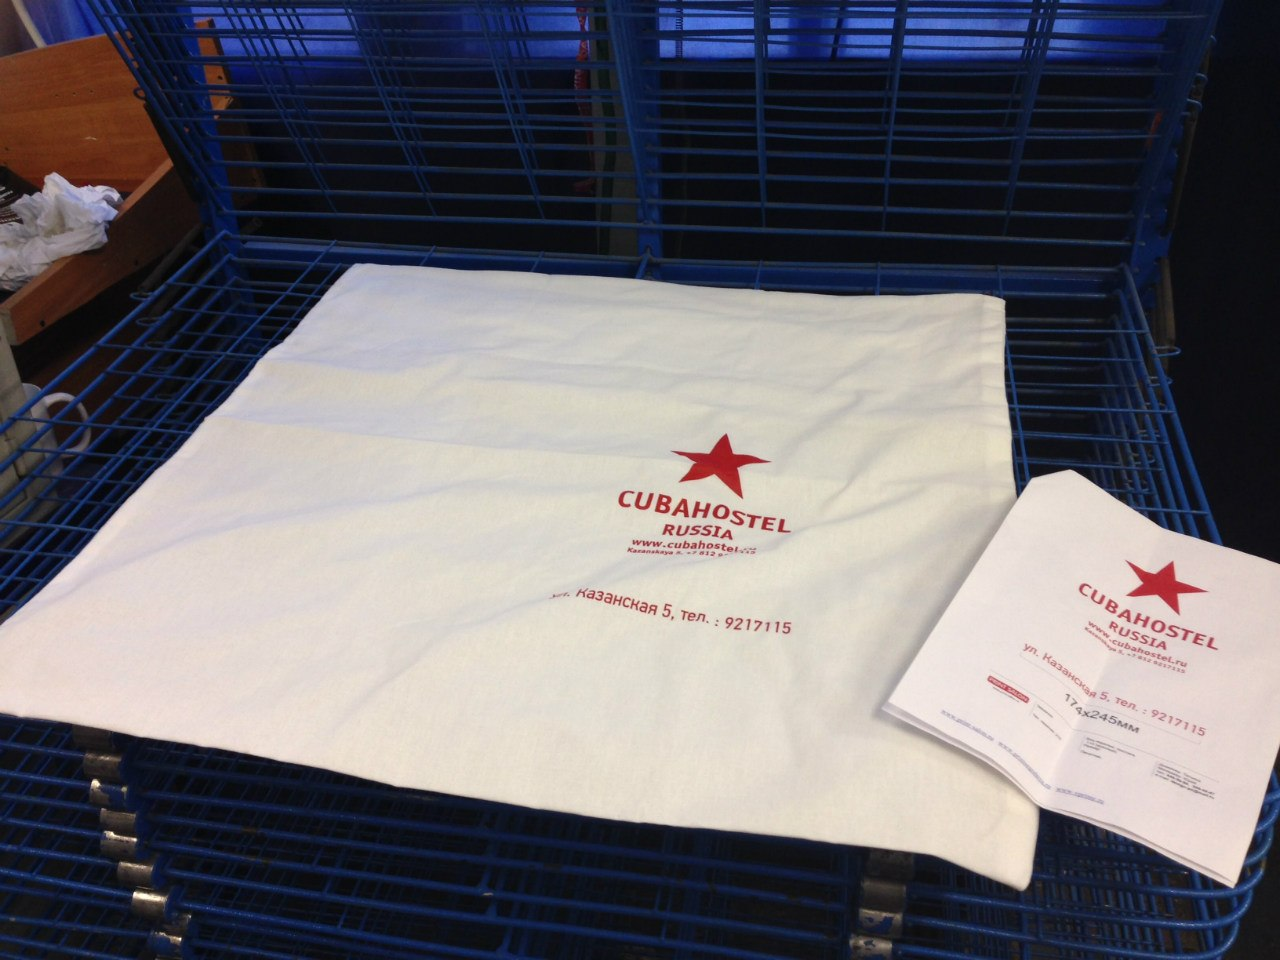 печать шелкографией на футболках стоимость